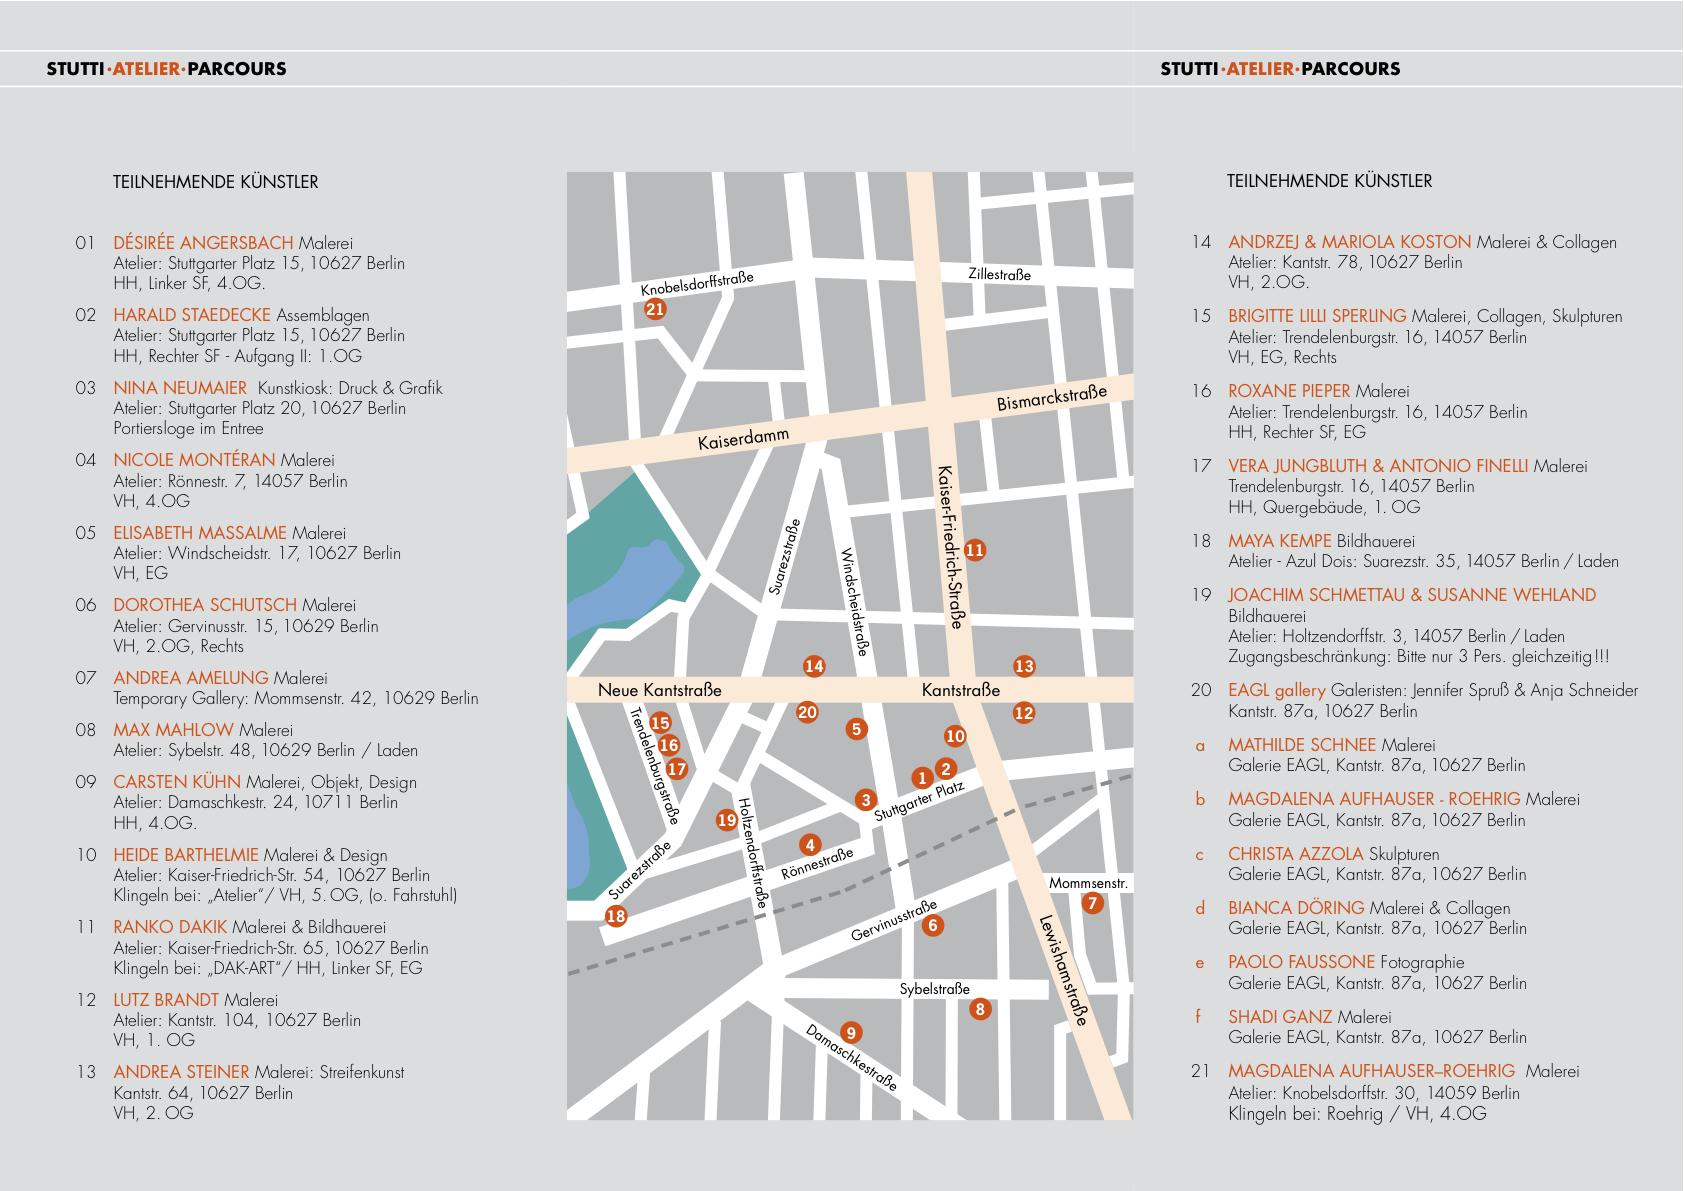 kostenlos-247.de - Infos & Tipps rund um Kostenloses | Stutti Atelier Parcours 2011